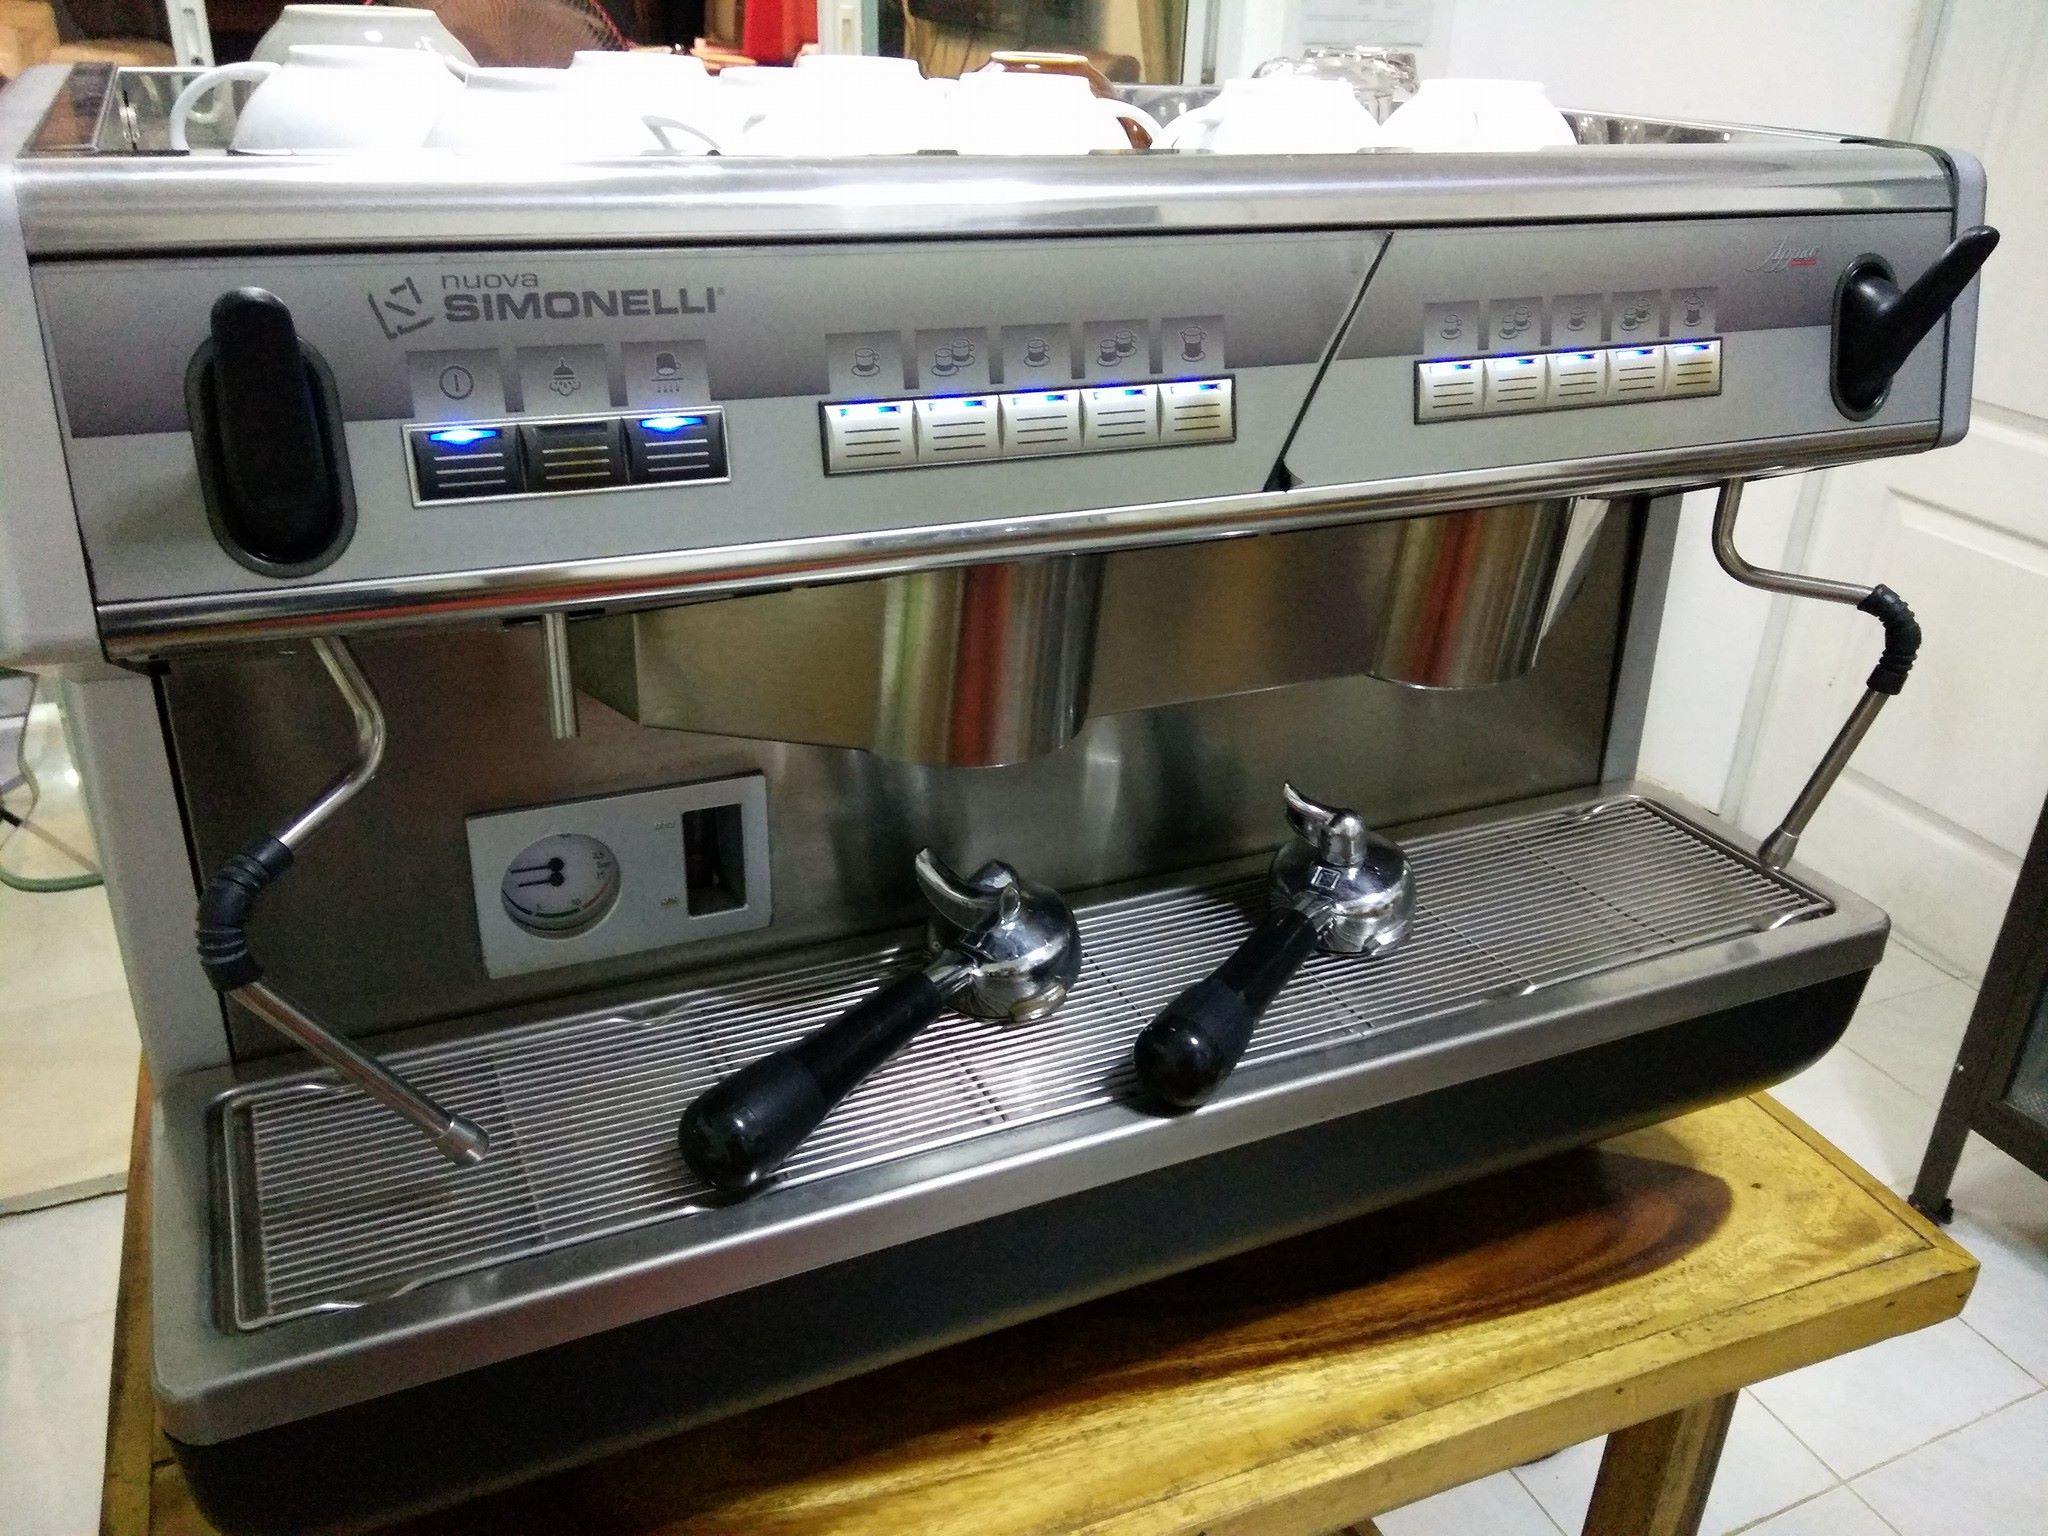 ขายเครื่องชงกาแฟ Nuova Simonelli Appia V2G ขนาดใหญ่ 2 หัวชง มือสอง (ขายแล้ว)